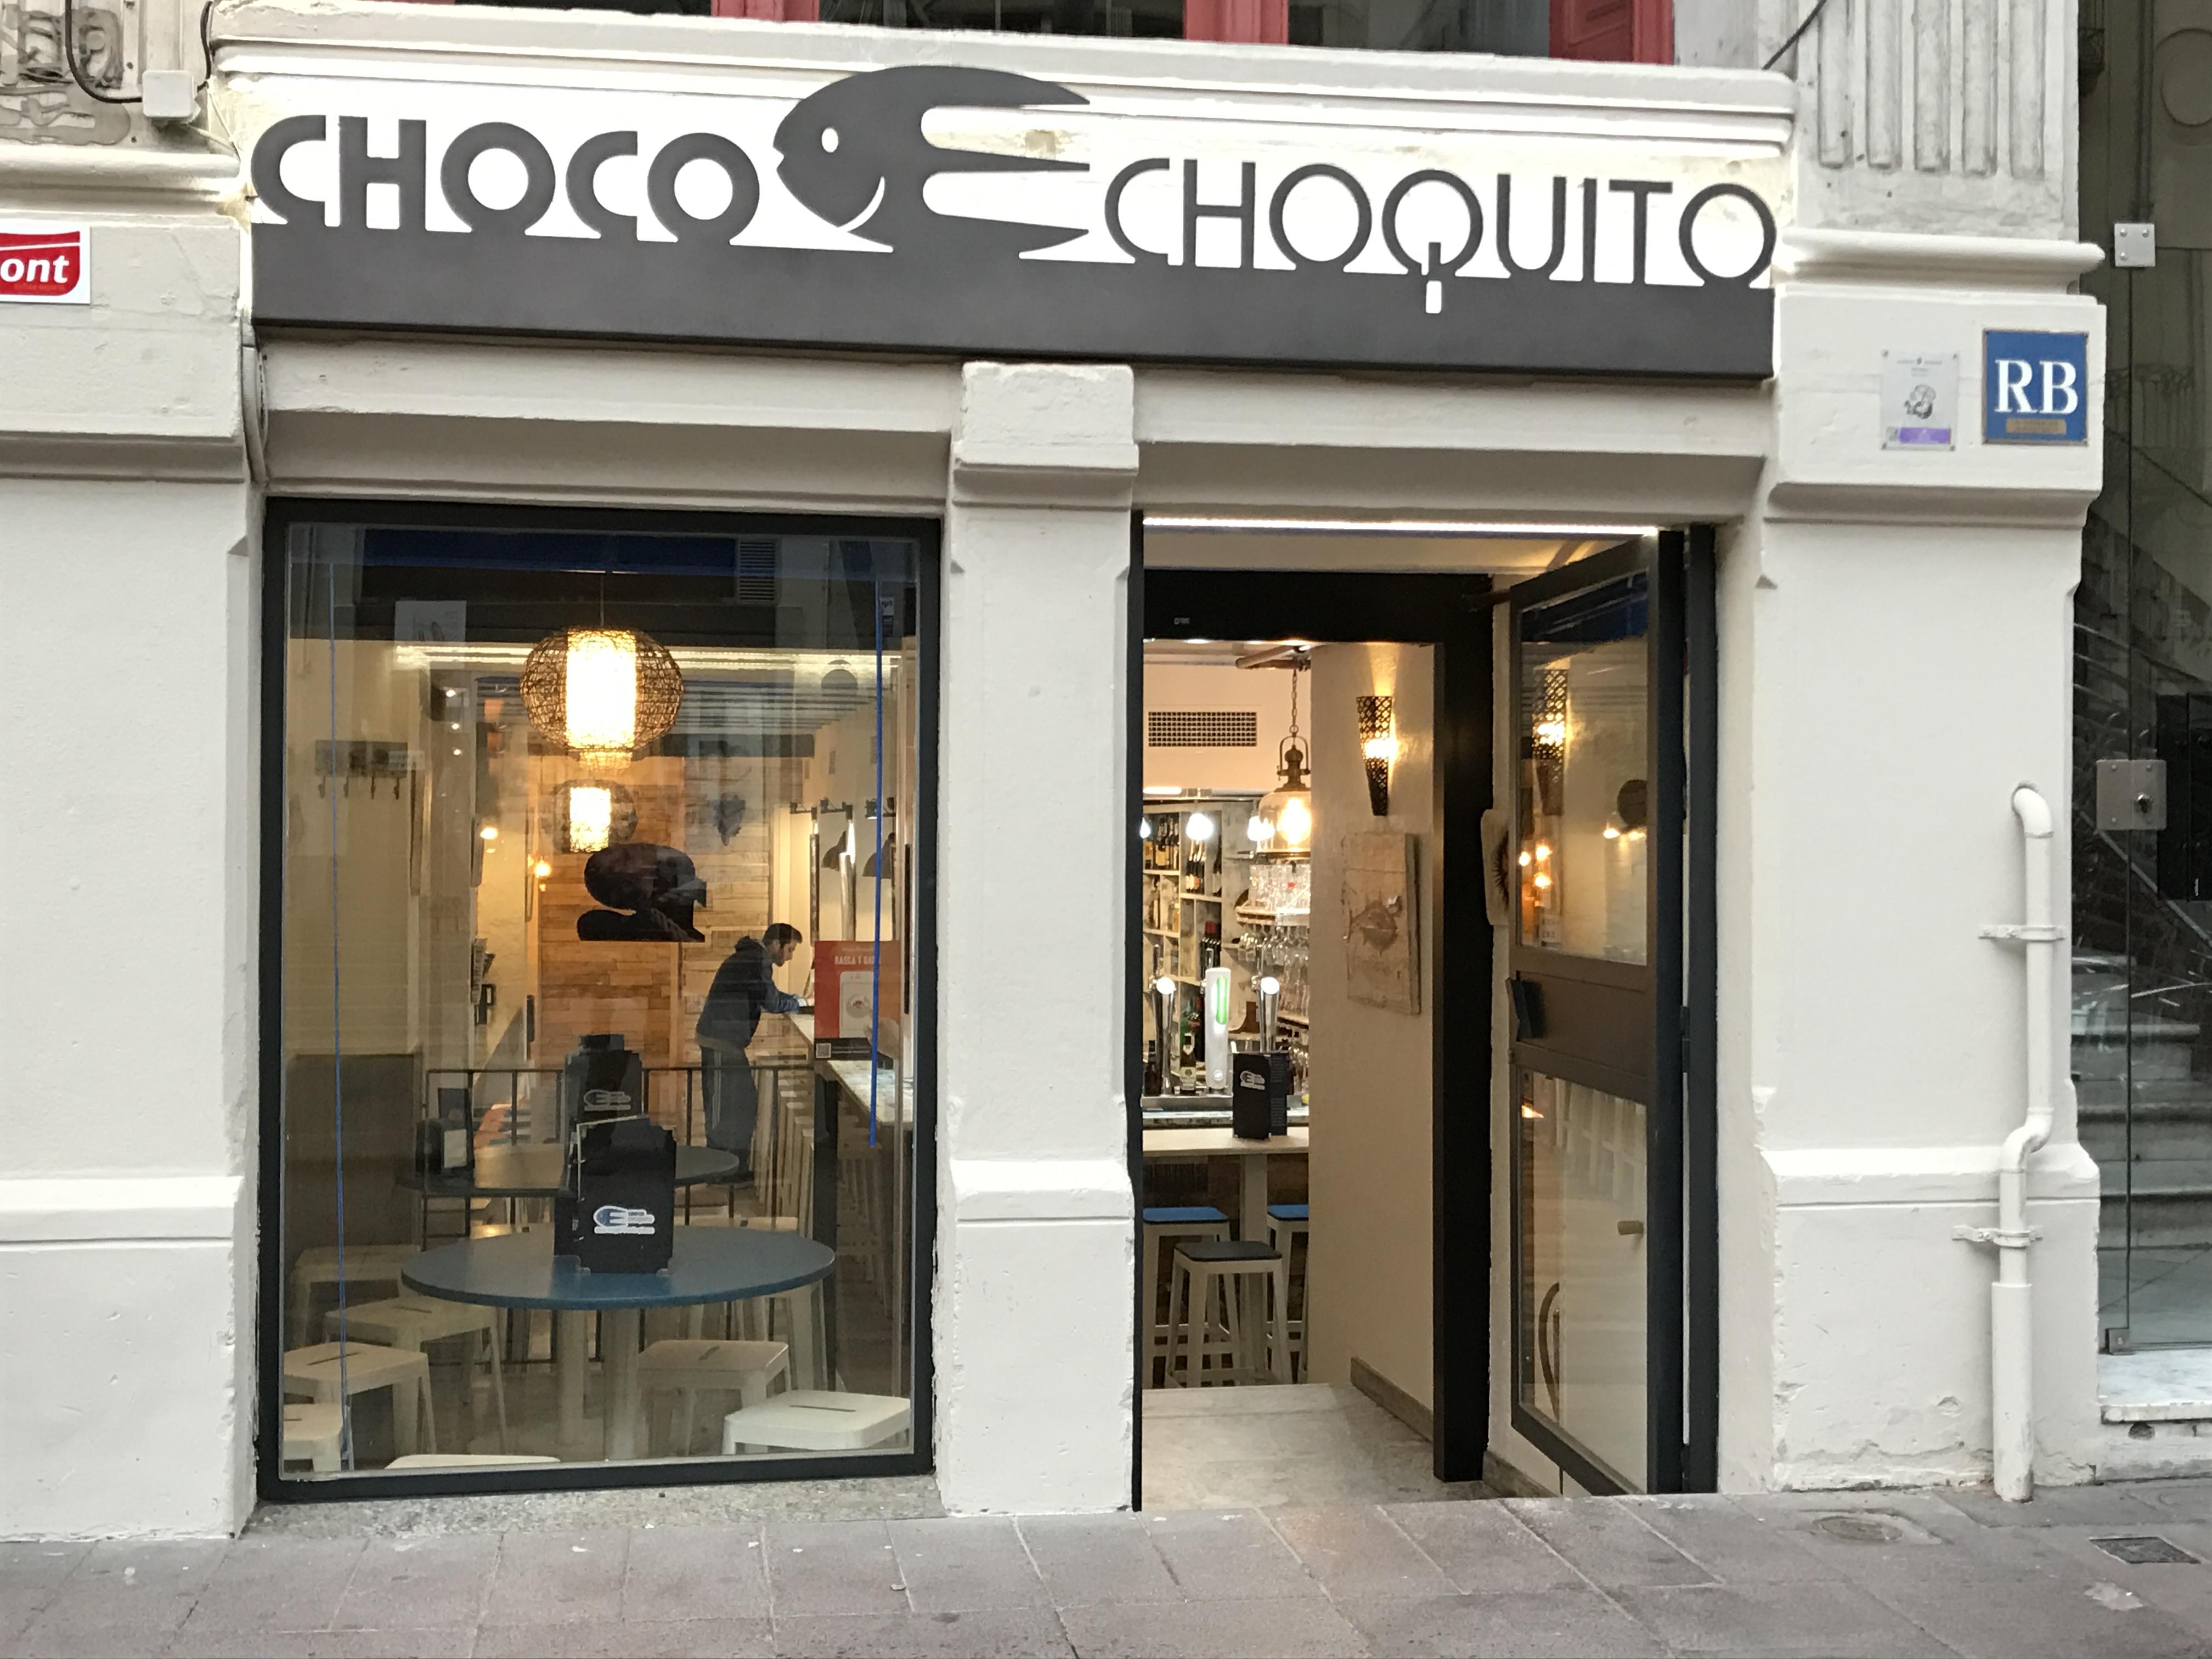 CHOCO-CHOQUITO